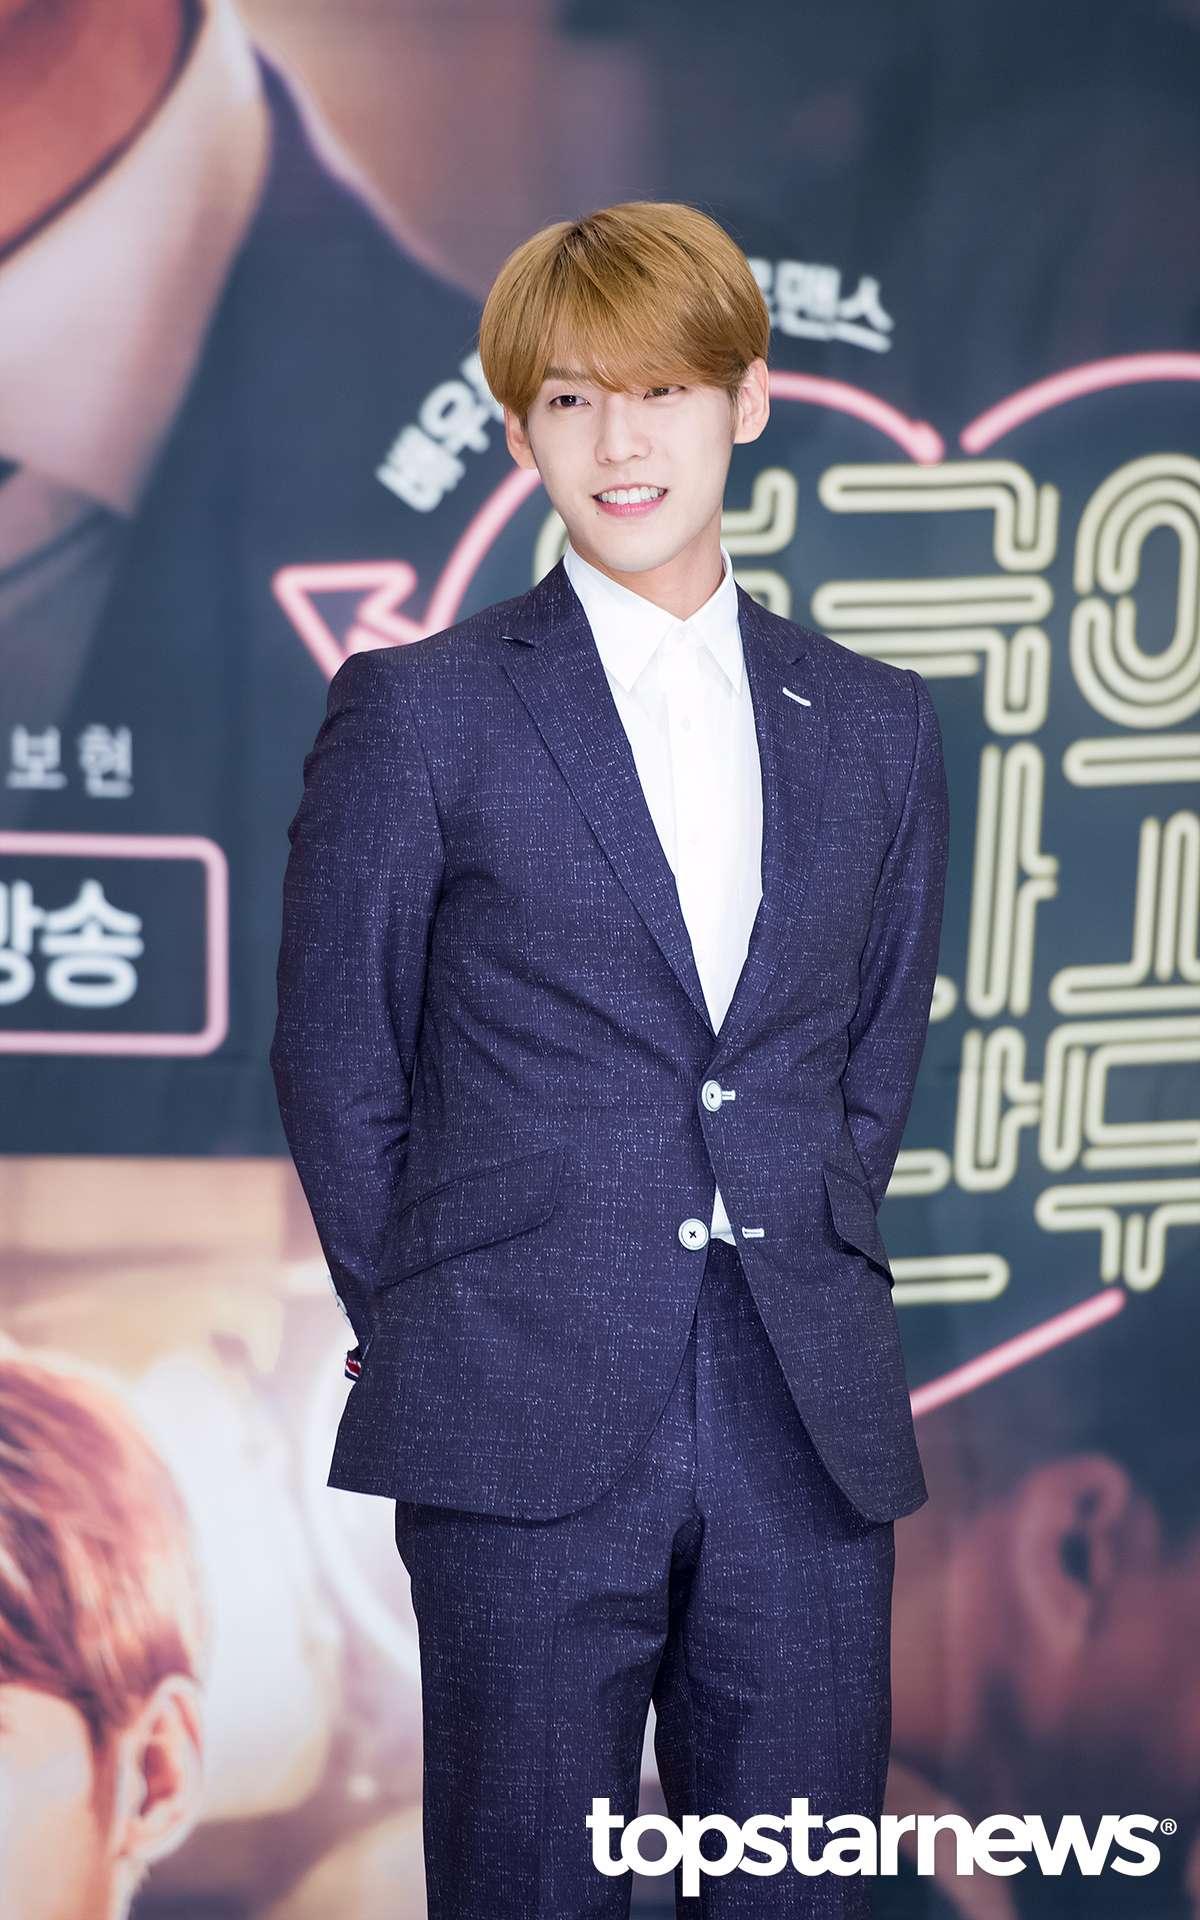 也有參與過多部電視劇並作為男主角演出,最近也在tvN的綜藝和電視劇結合的《話劇結束之後》中擔任男主角~